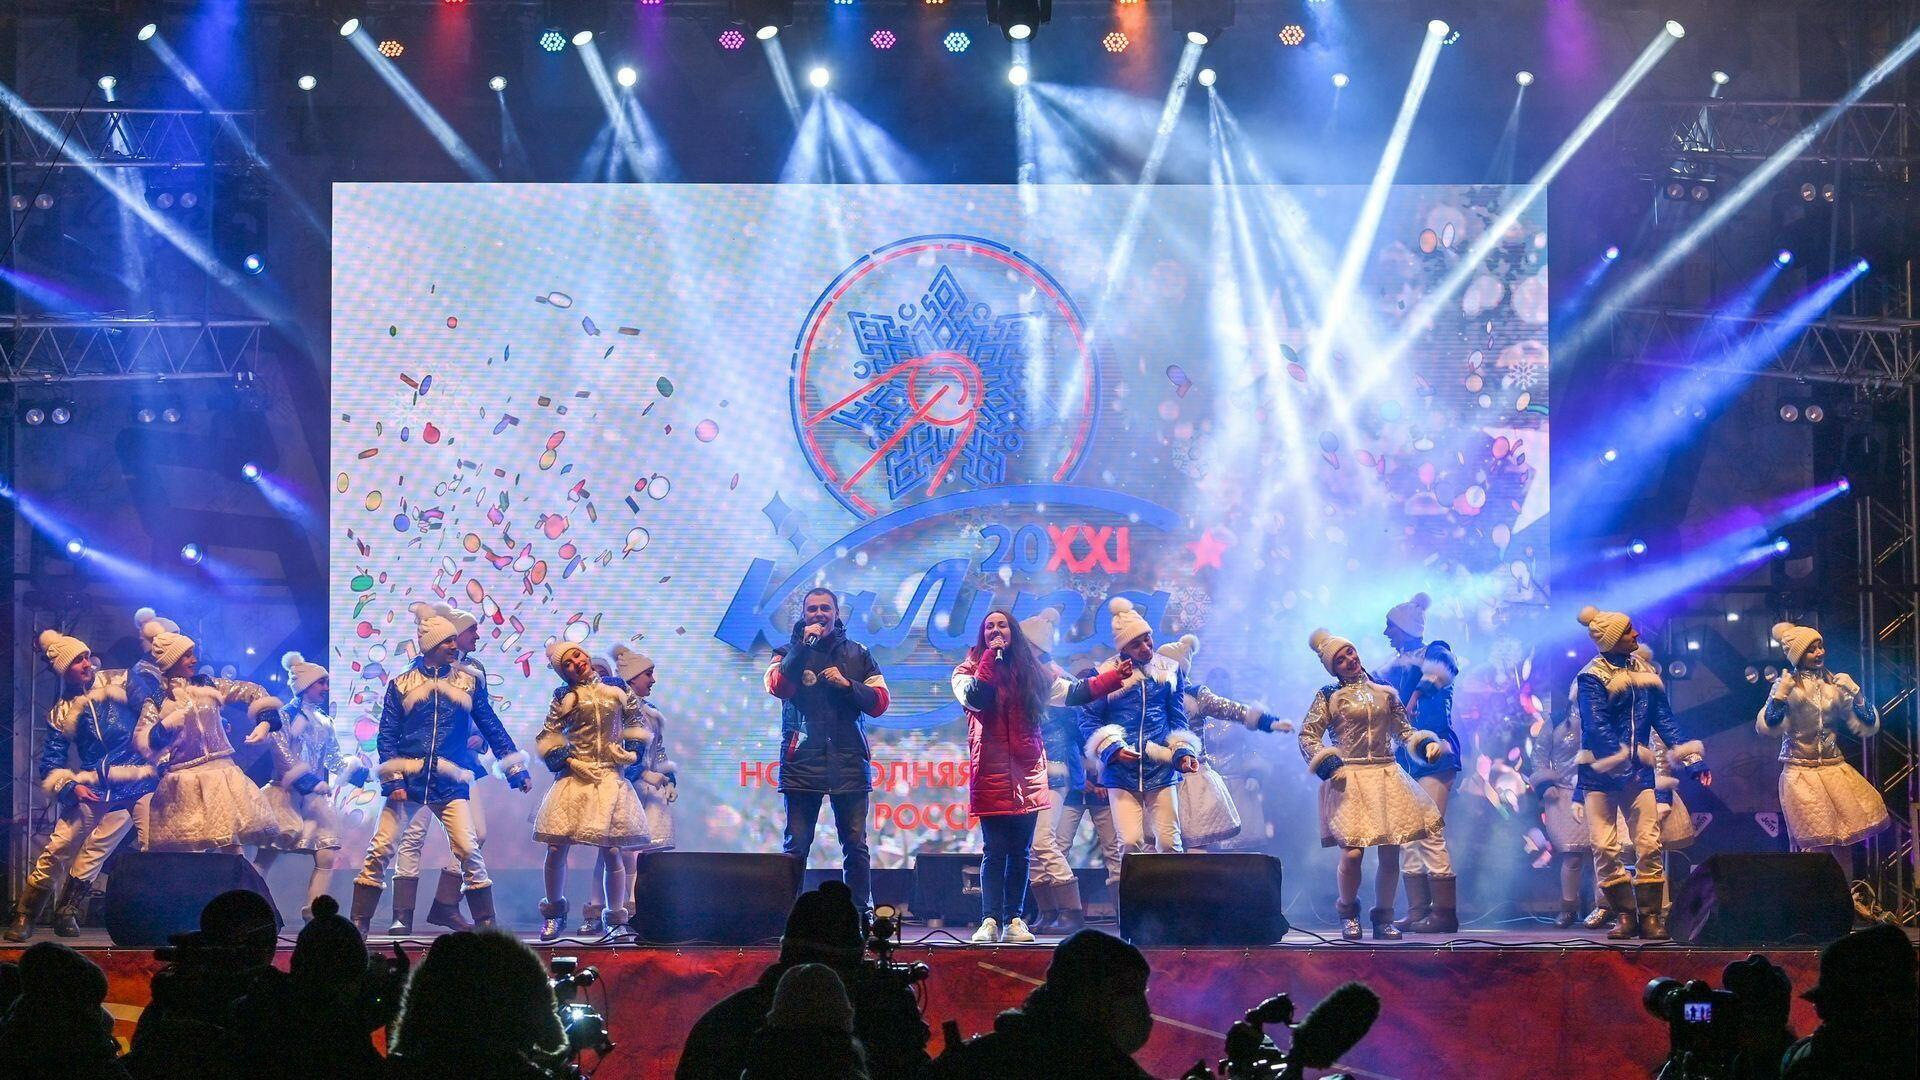 В Калуге дали официальный старт проекту Новогодняя столица России 2021 - РИА Новости, 1920, 12.12.2020